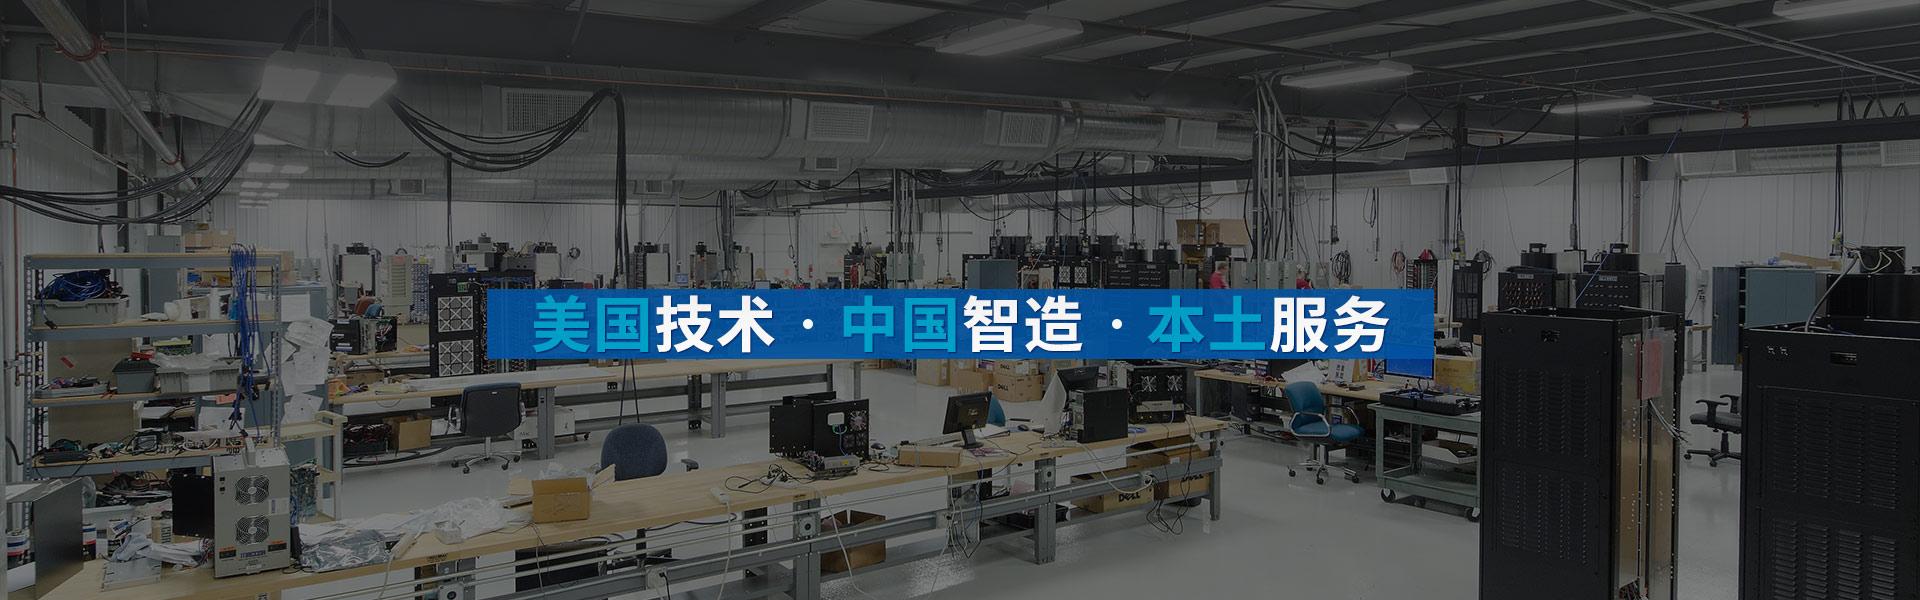 美国技术 中国智造 本土服务-信瑞